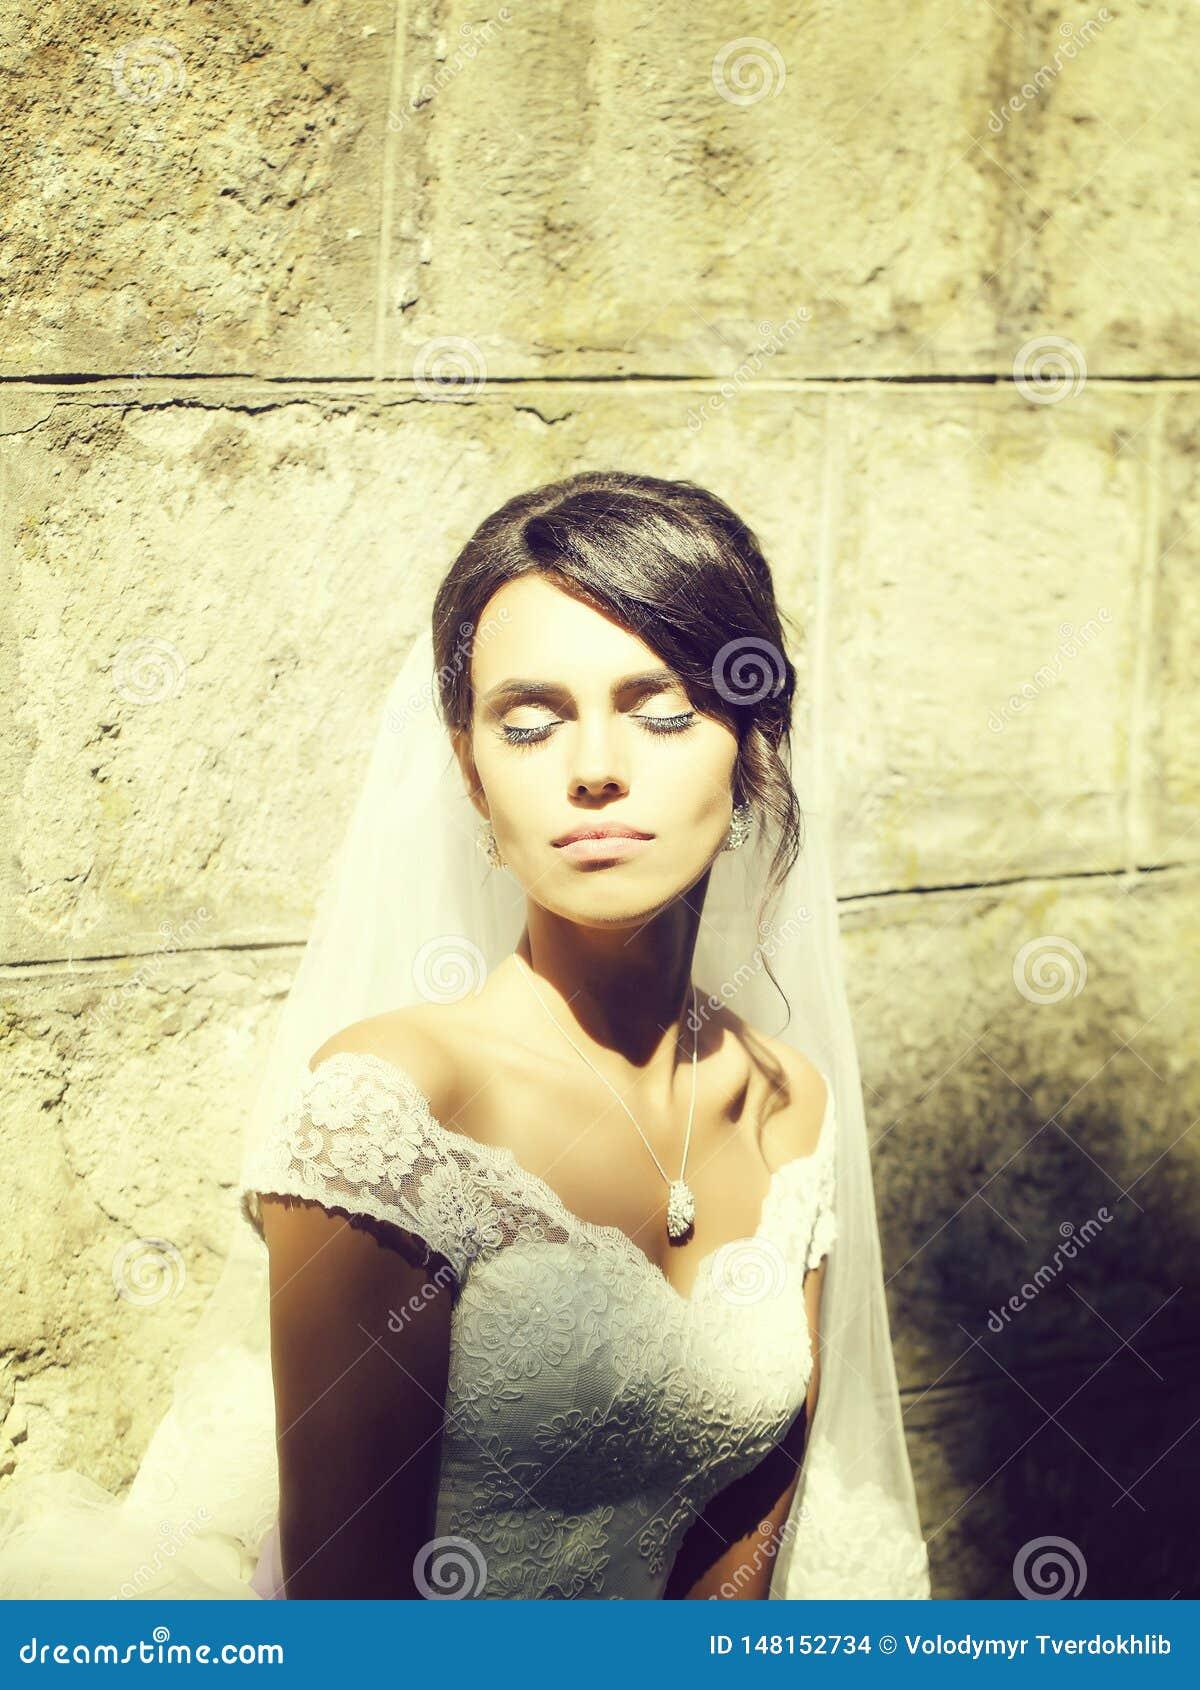 Όμορφη νύφη κοντά στον πετρώδη τοίχο